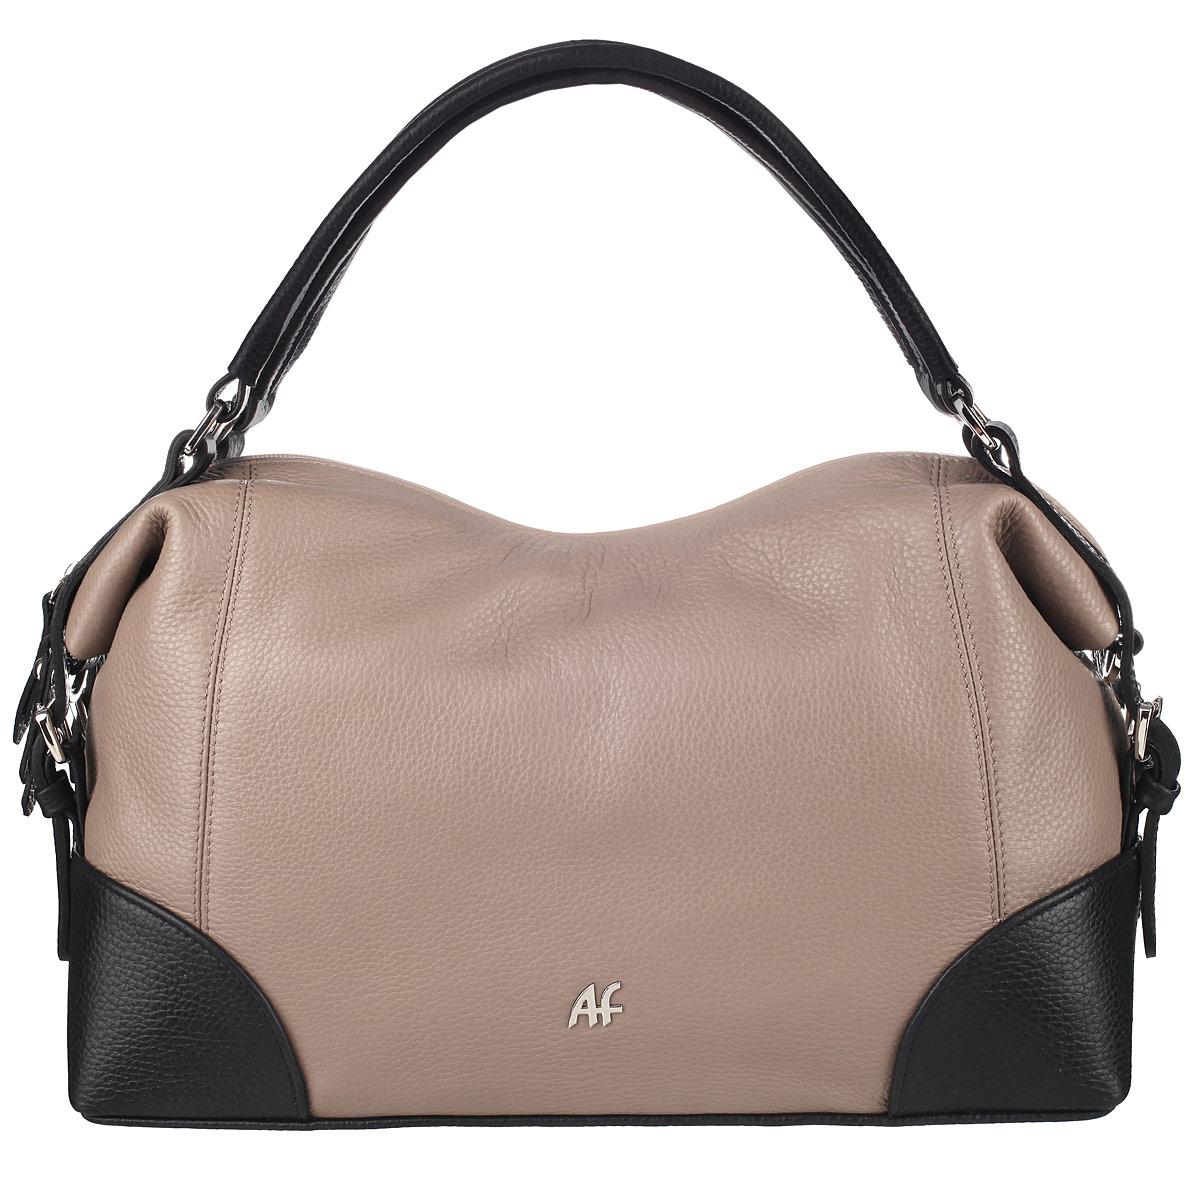 Сумка женская Afina, цвет: капучино, черный. 177177Изысканная женская сумка Афина выполнена из качественной натуральной кожи. Сумка закрывается на пластиковую застежку-молнию. Внутри - большое отделение и три кармана, один из которых на молнии. На задней стенке - втачной карман также на застежке-молнии. В комплекте съемный плечевой ремень регулируемой длины. Роскошная сумка внесет элегантные нотки в ваш образ и подчеркнет ваше отменное чувство стиля.